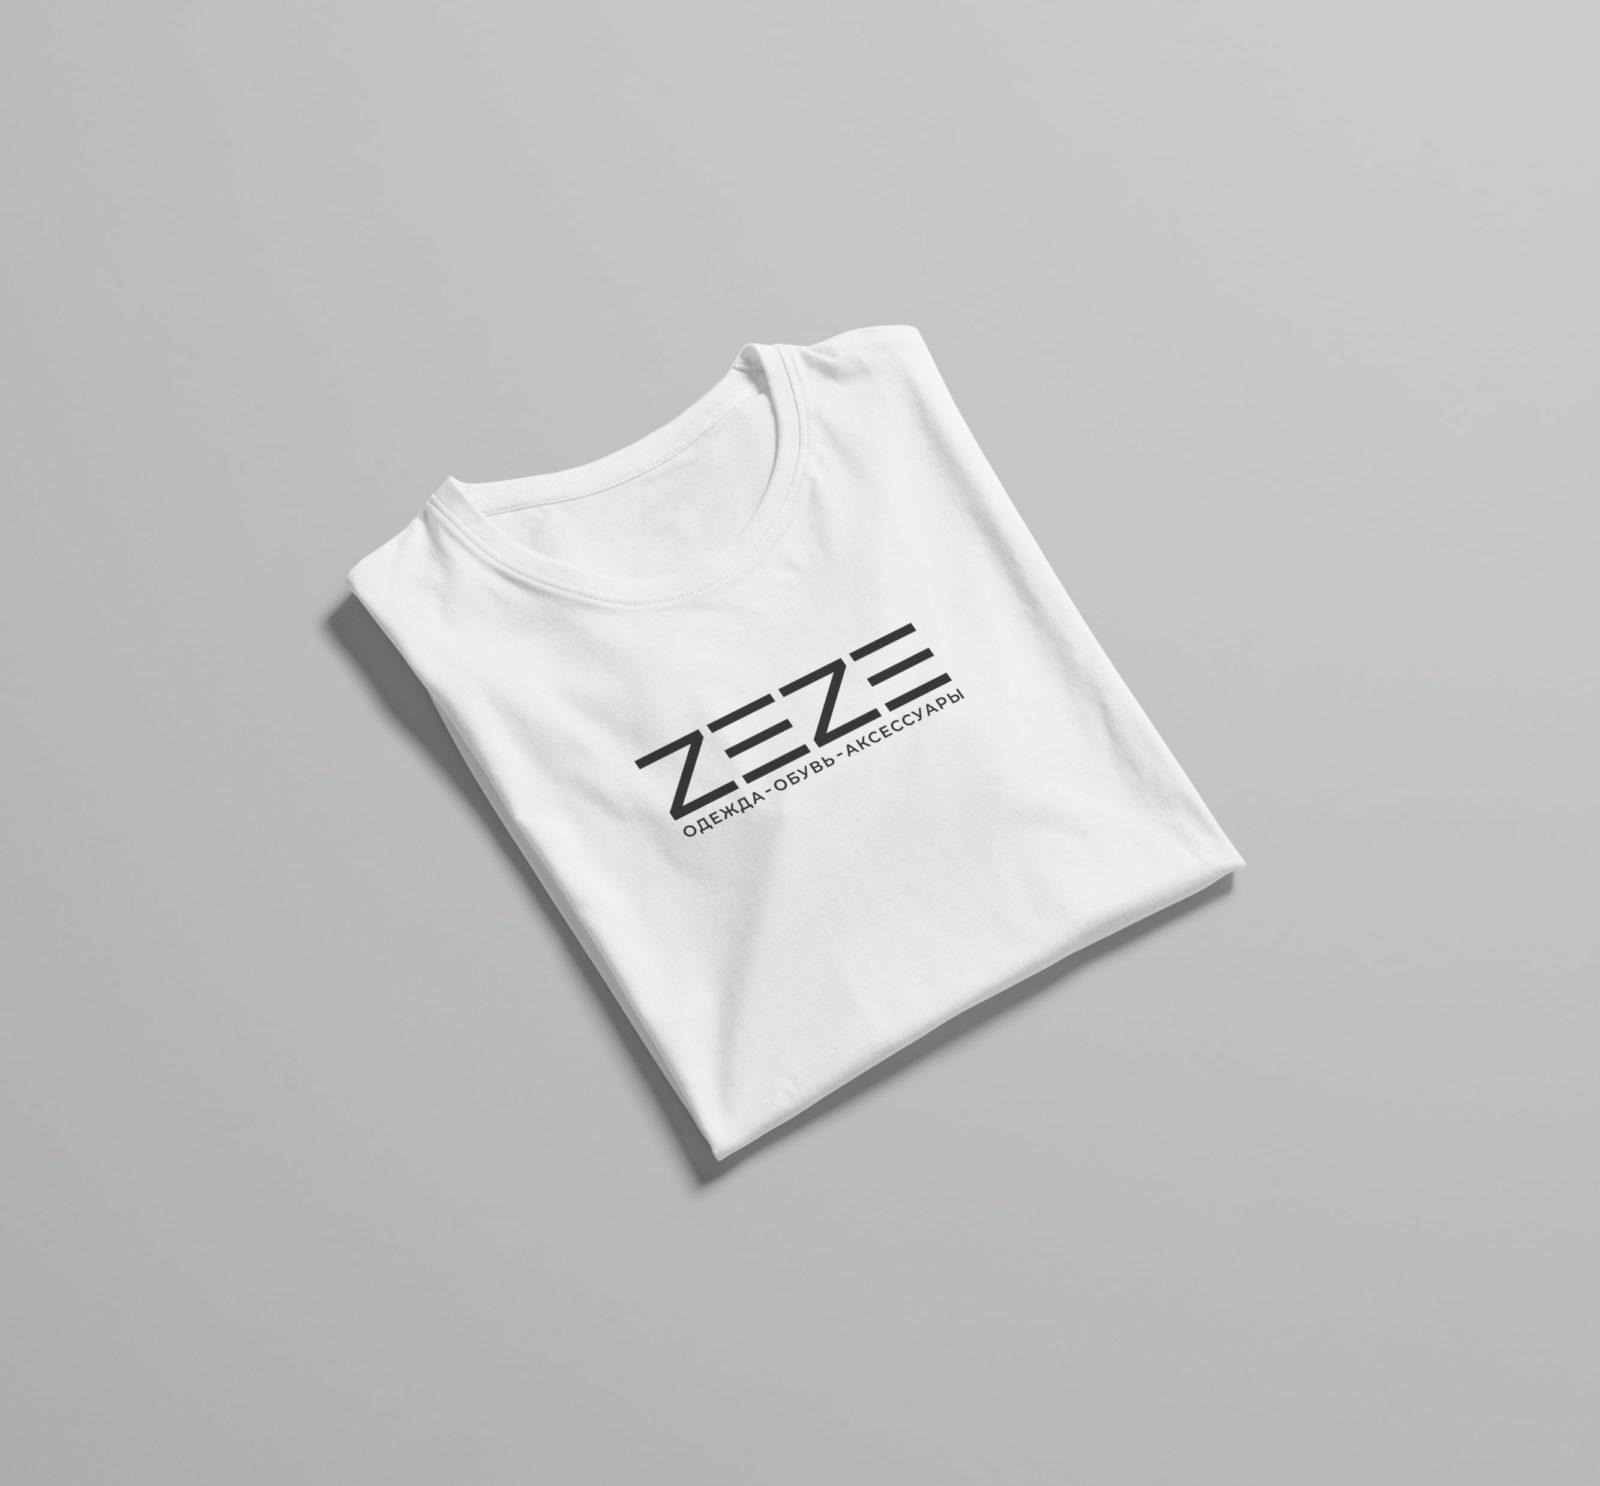 Логотип для магазина одежды на футболке